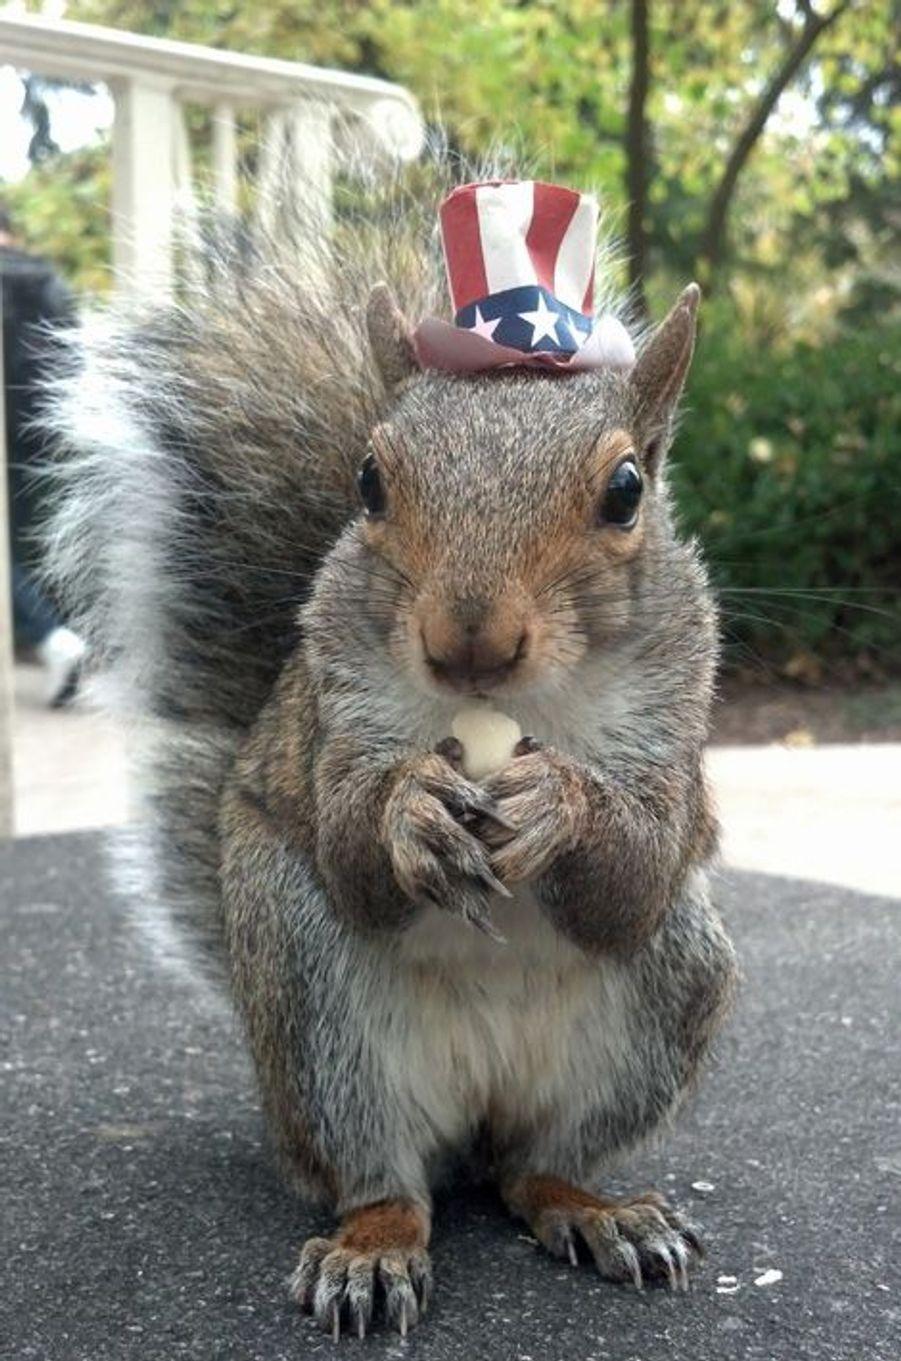 Drôle de rentrée pour Sneezy l'écureuil déguisé